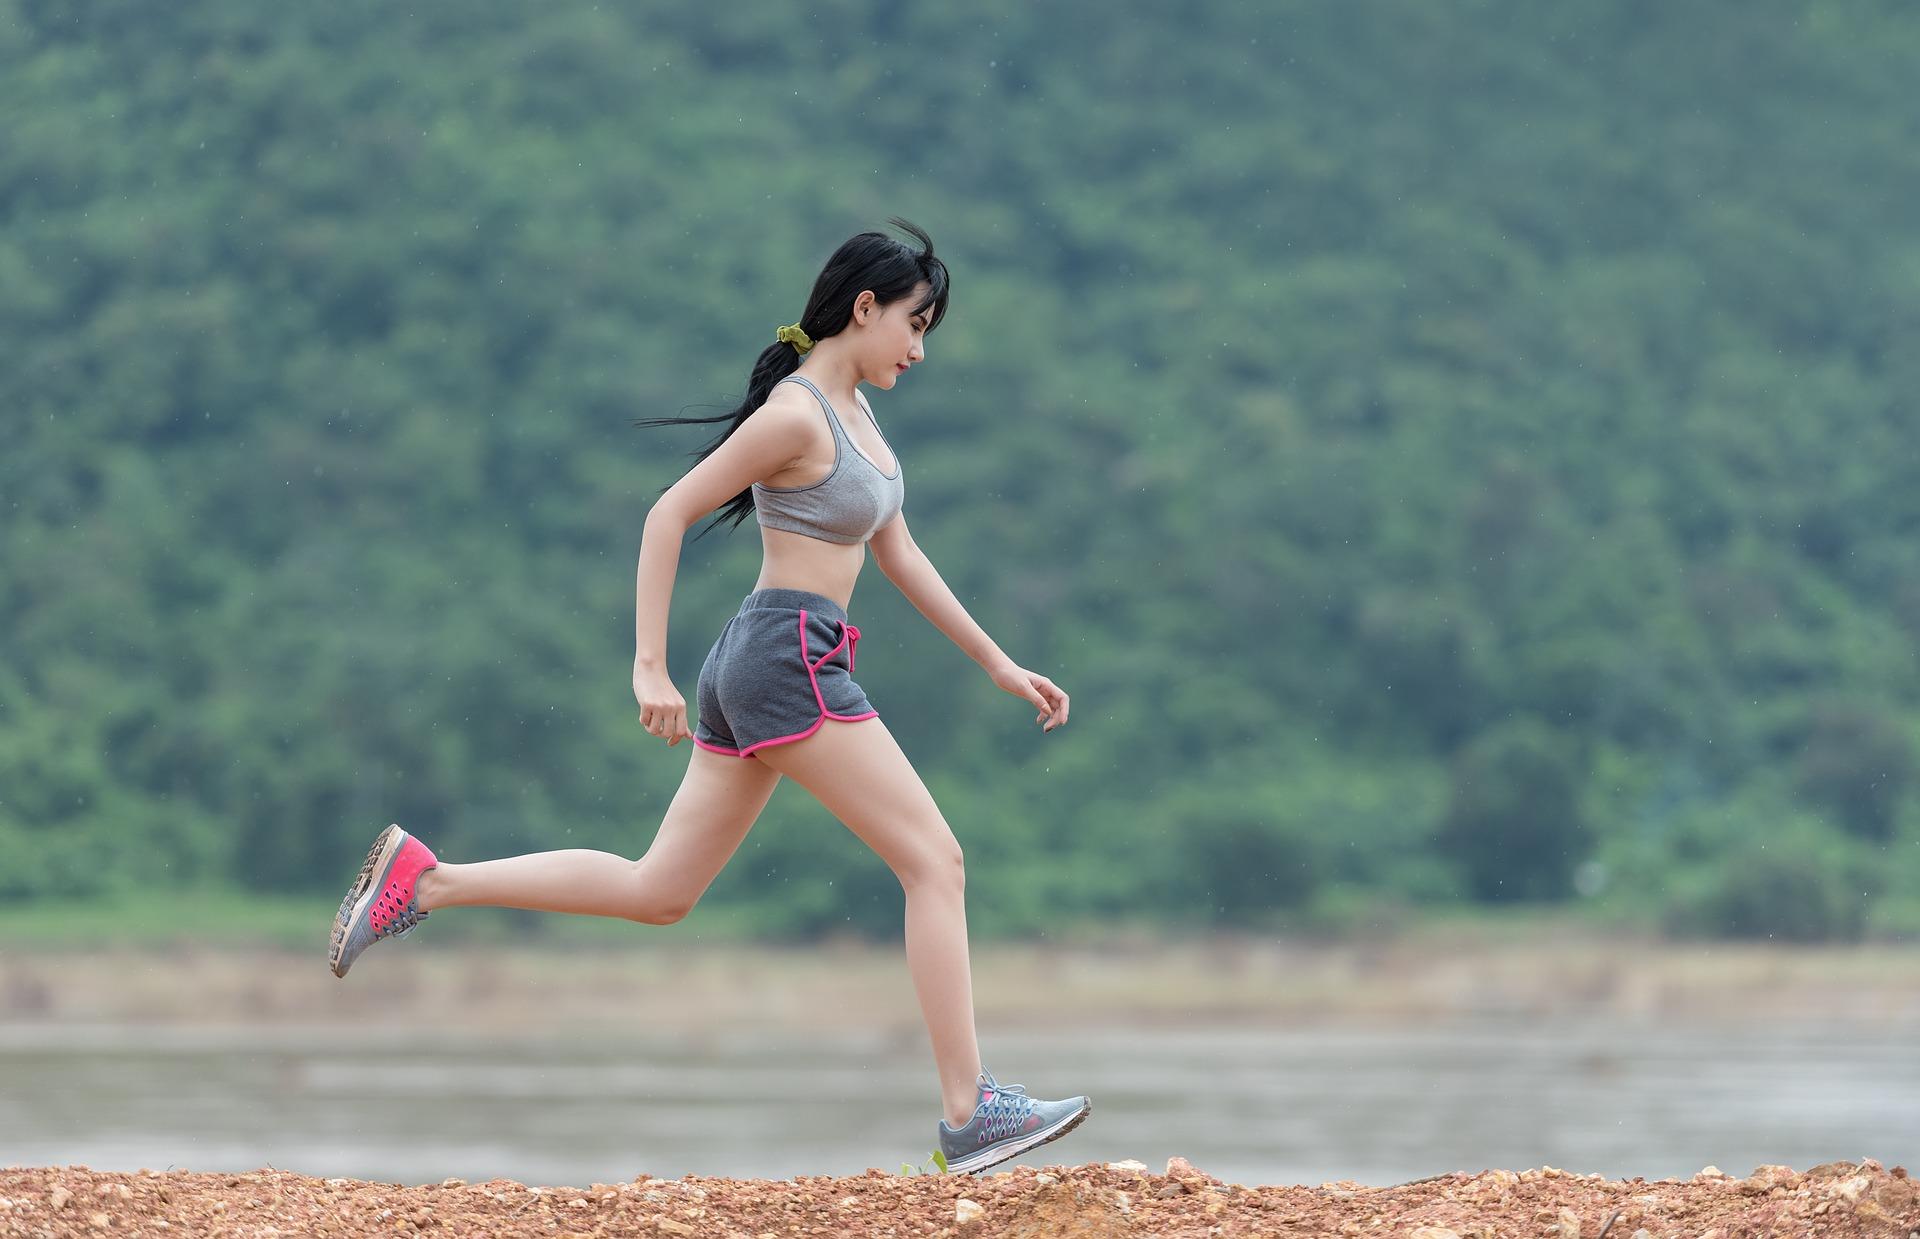 Vježbanje učinkovito smanjuje rizik od srčanih bolesti - studija